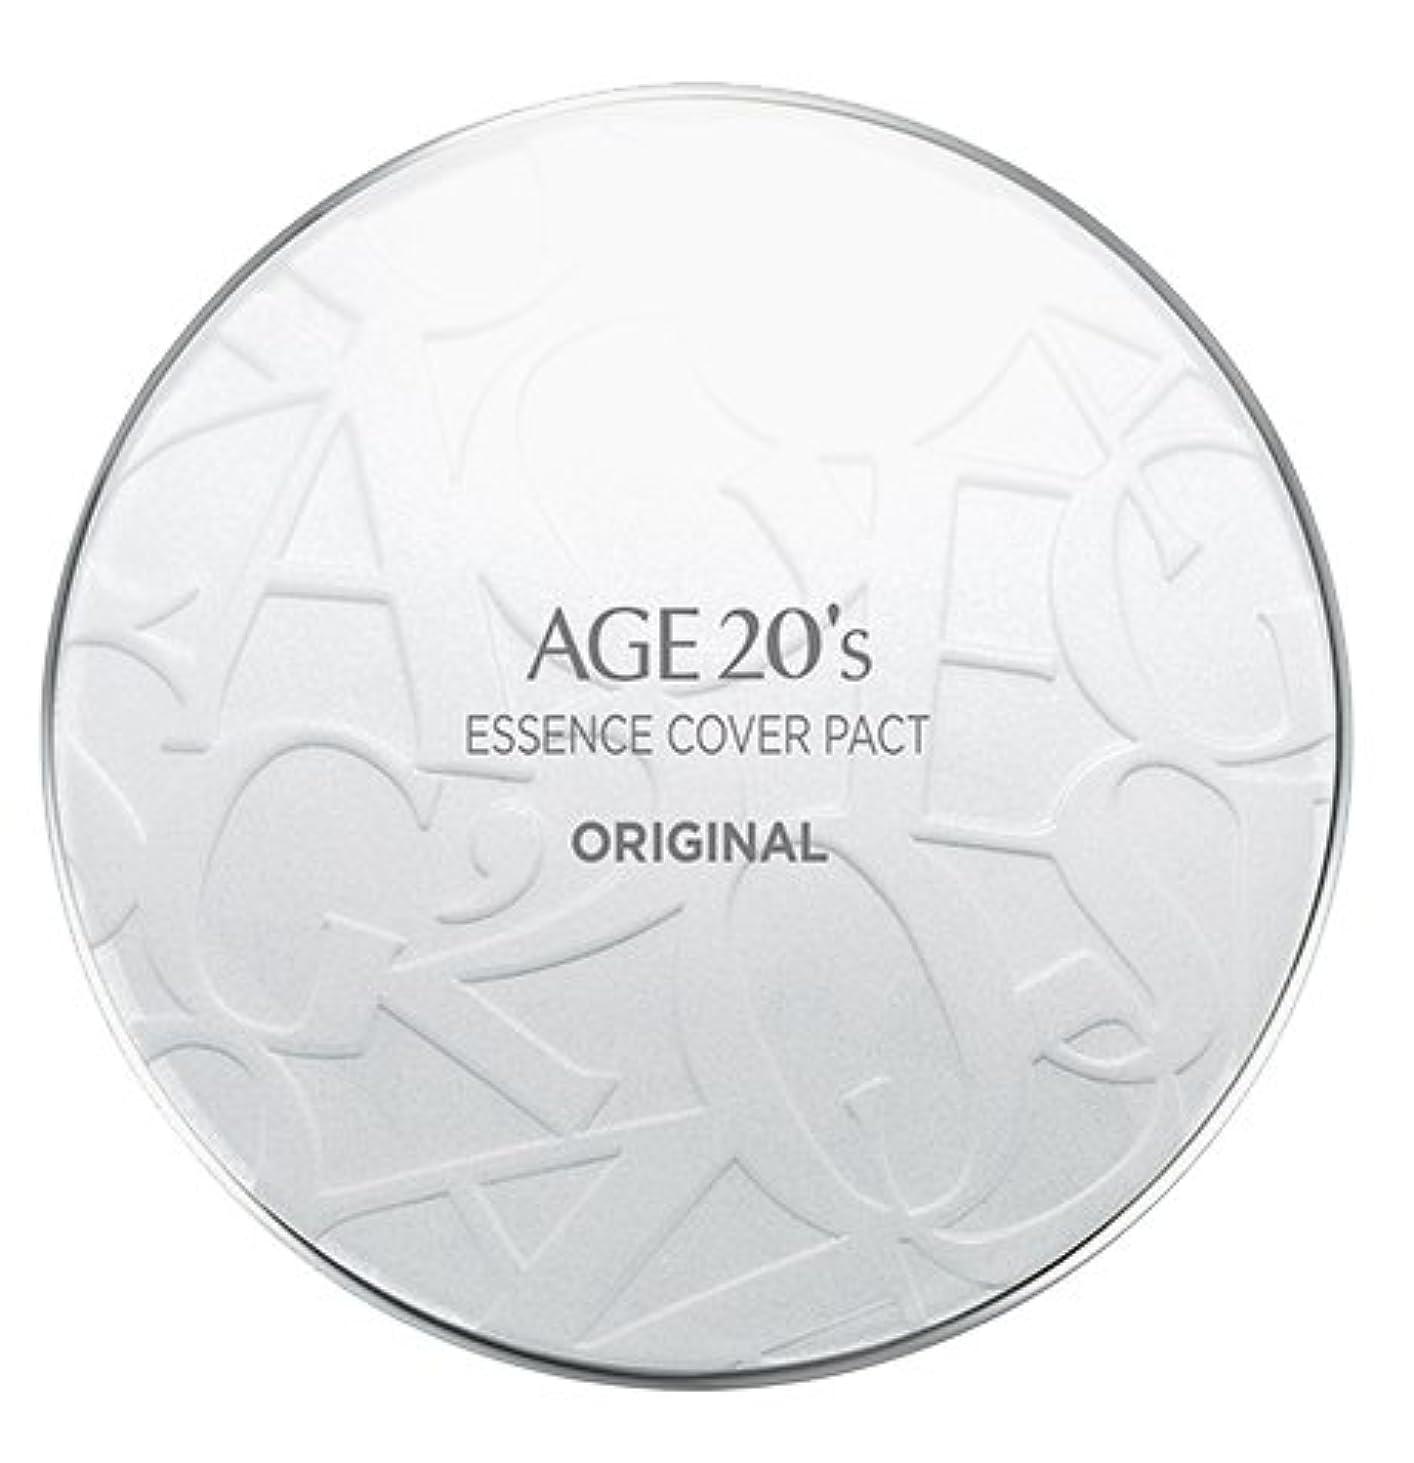 ネコ数字マイクロフォンAGE 20's Essence Cover Pact Original [White Latte] 12.5g + Refill 12.5g (#21)/エイジ 20's エッセンス カバー パクト オリジナル [ホワイトラテ...